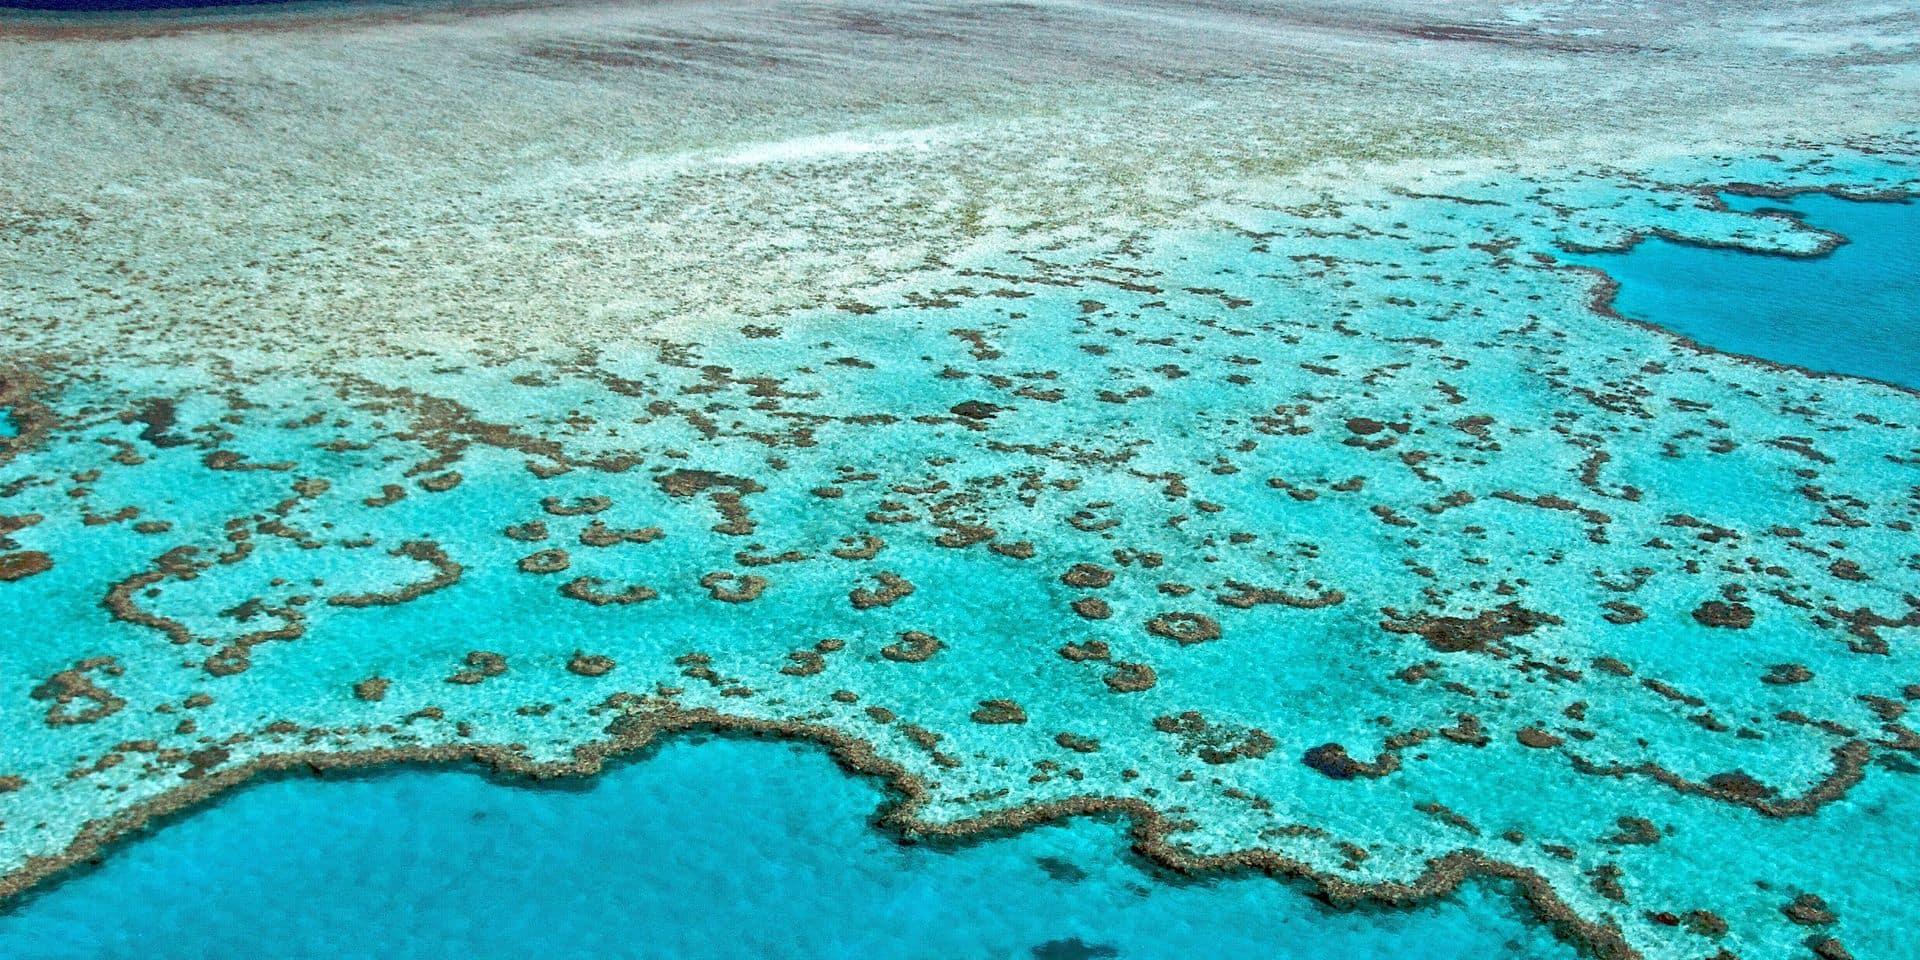 Nuages brilliants, tolérance à la chaleur: comment ralentir la disparition de la Grande Barrière de corail?